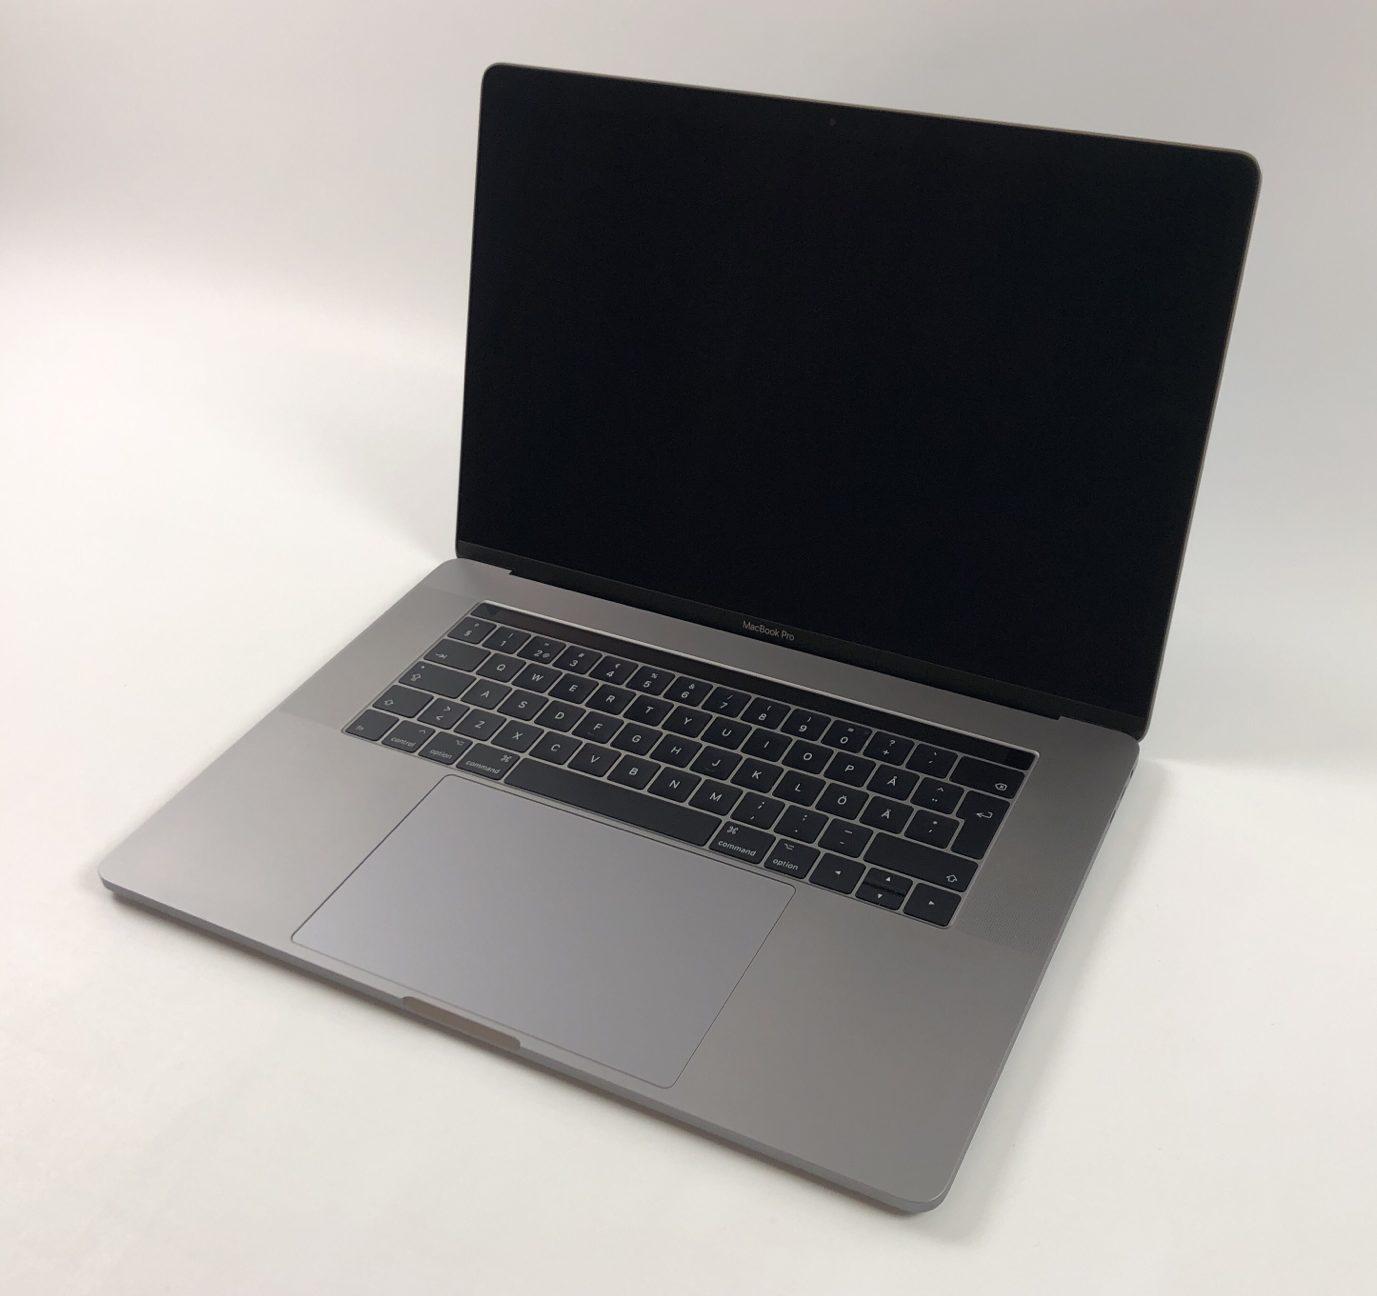 """MacBook Pro 15"""" Touch Bar Mid 2017 (Intel Quad-Core i7 3.1 GHz 16 GB RAM 1 TB SSD), Space Gray, Intel Quad-Core i7 3.1 GHz, 16 GB RAM, 1 TB SSD, Kuva 1"""